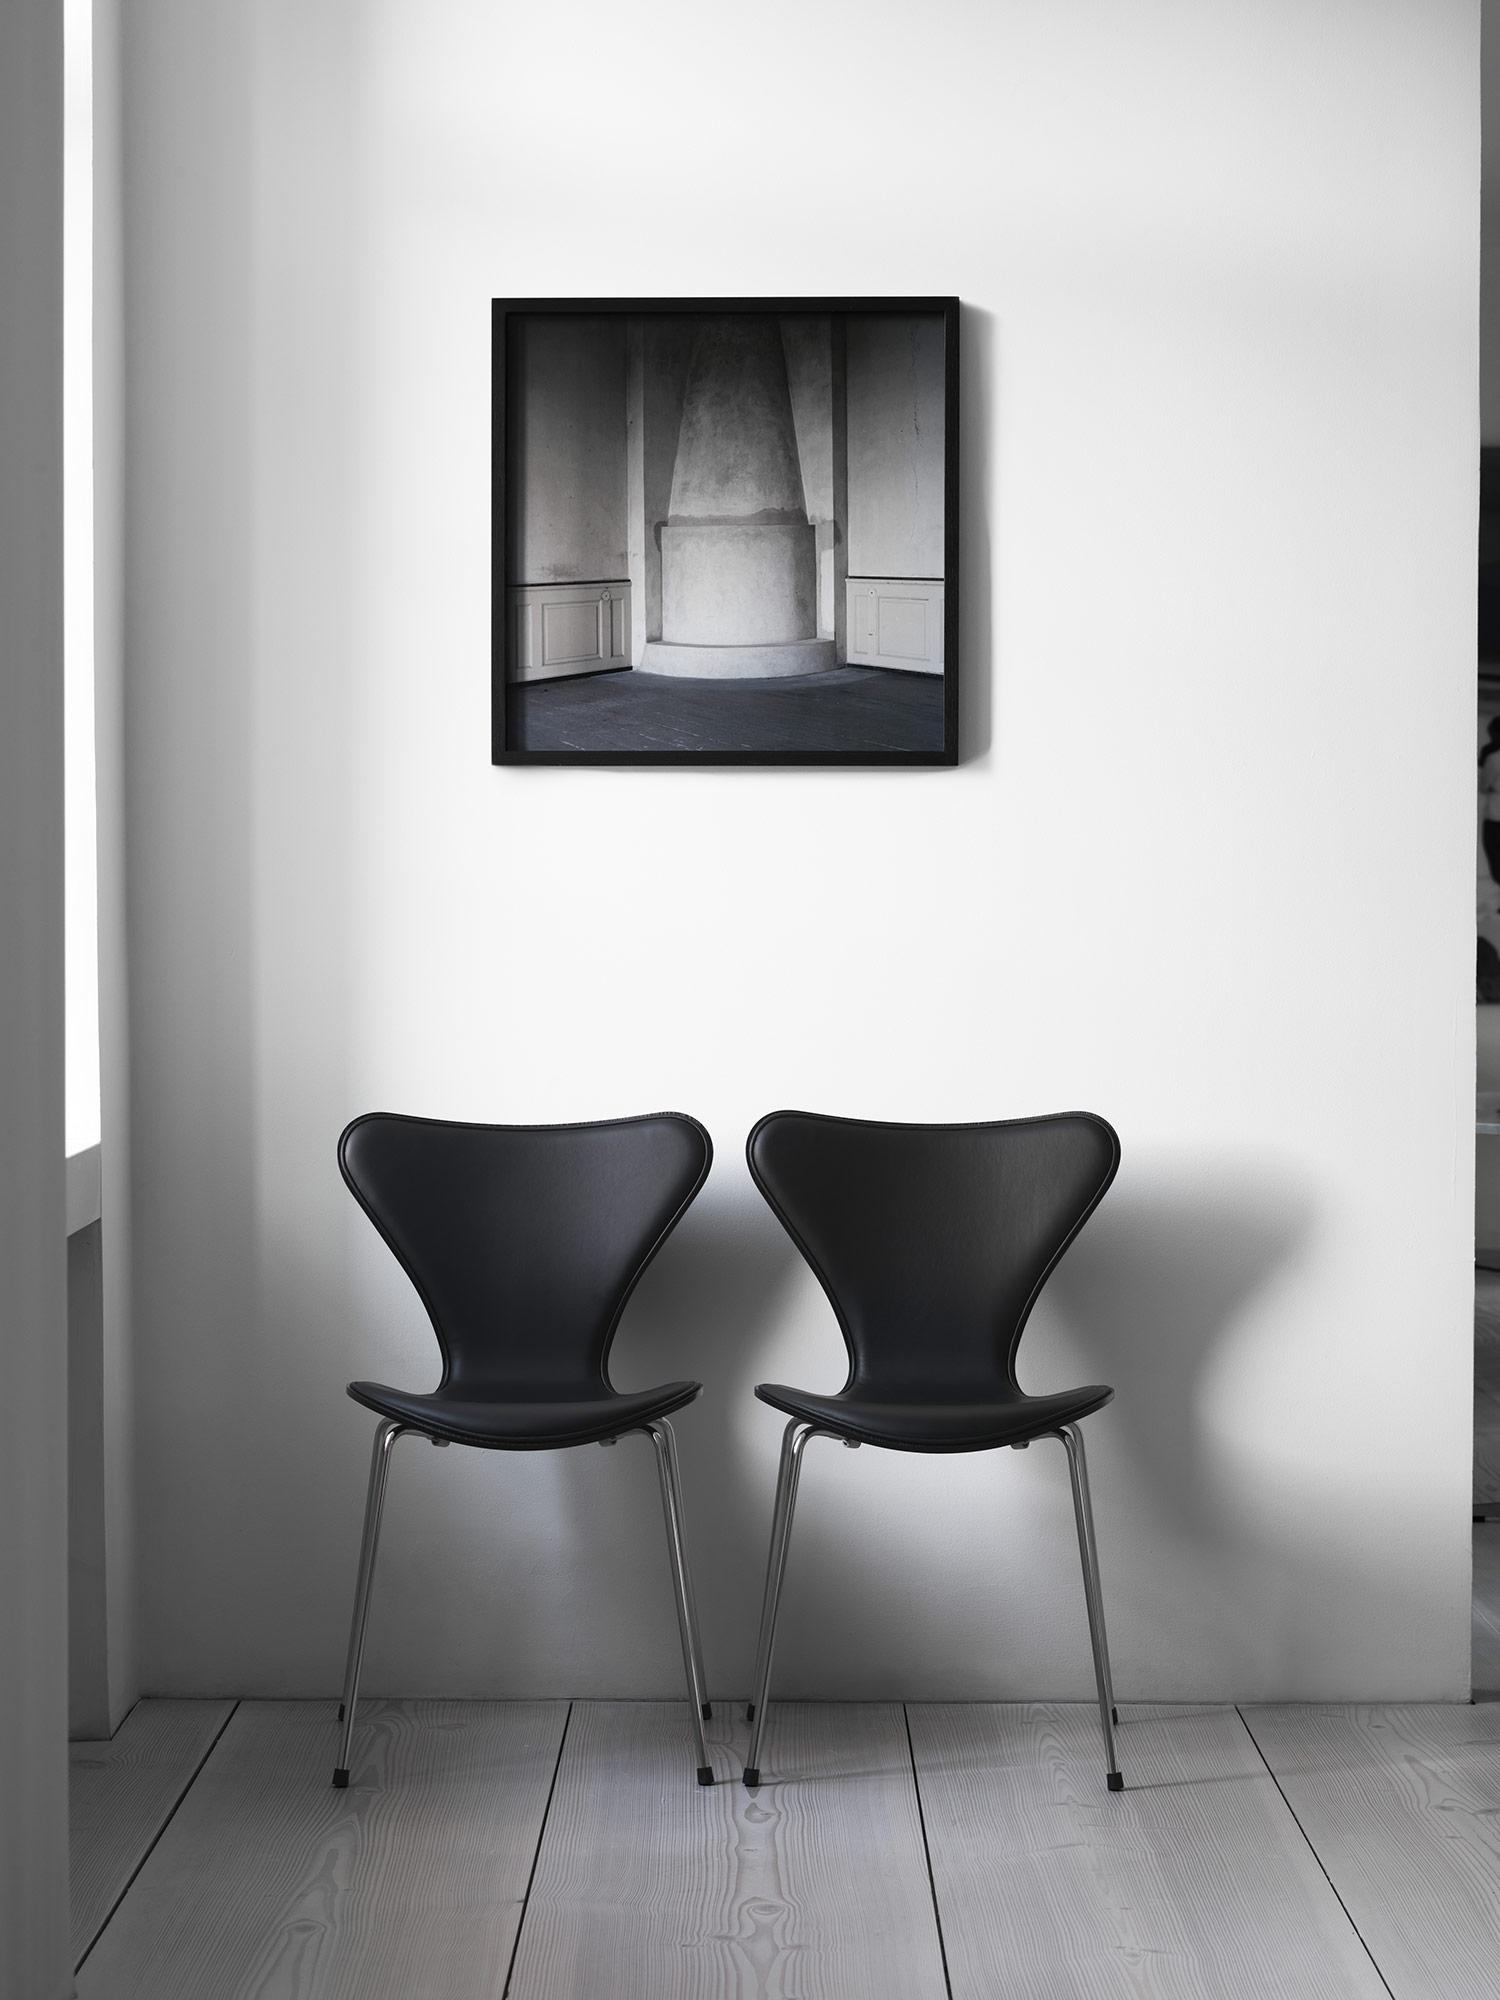 3107 syveren med forsidepolstring i l der k b den her. Black Bedroom Furniture Sets. Home Design Ideas